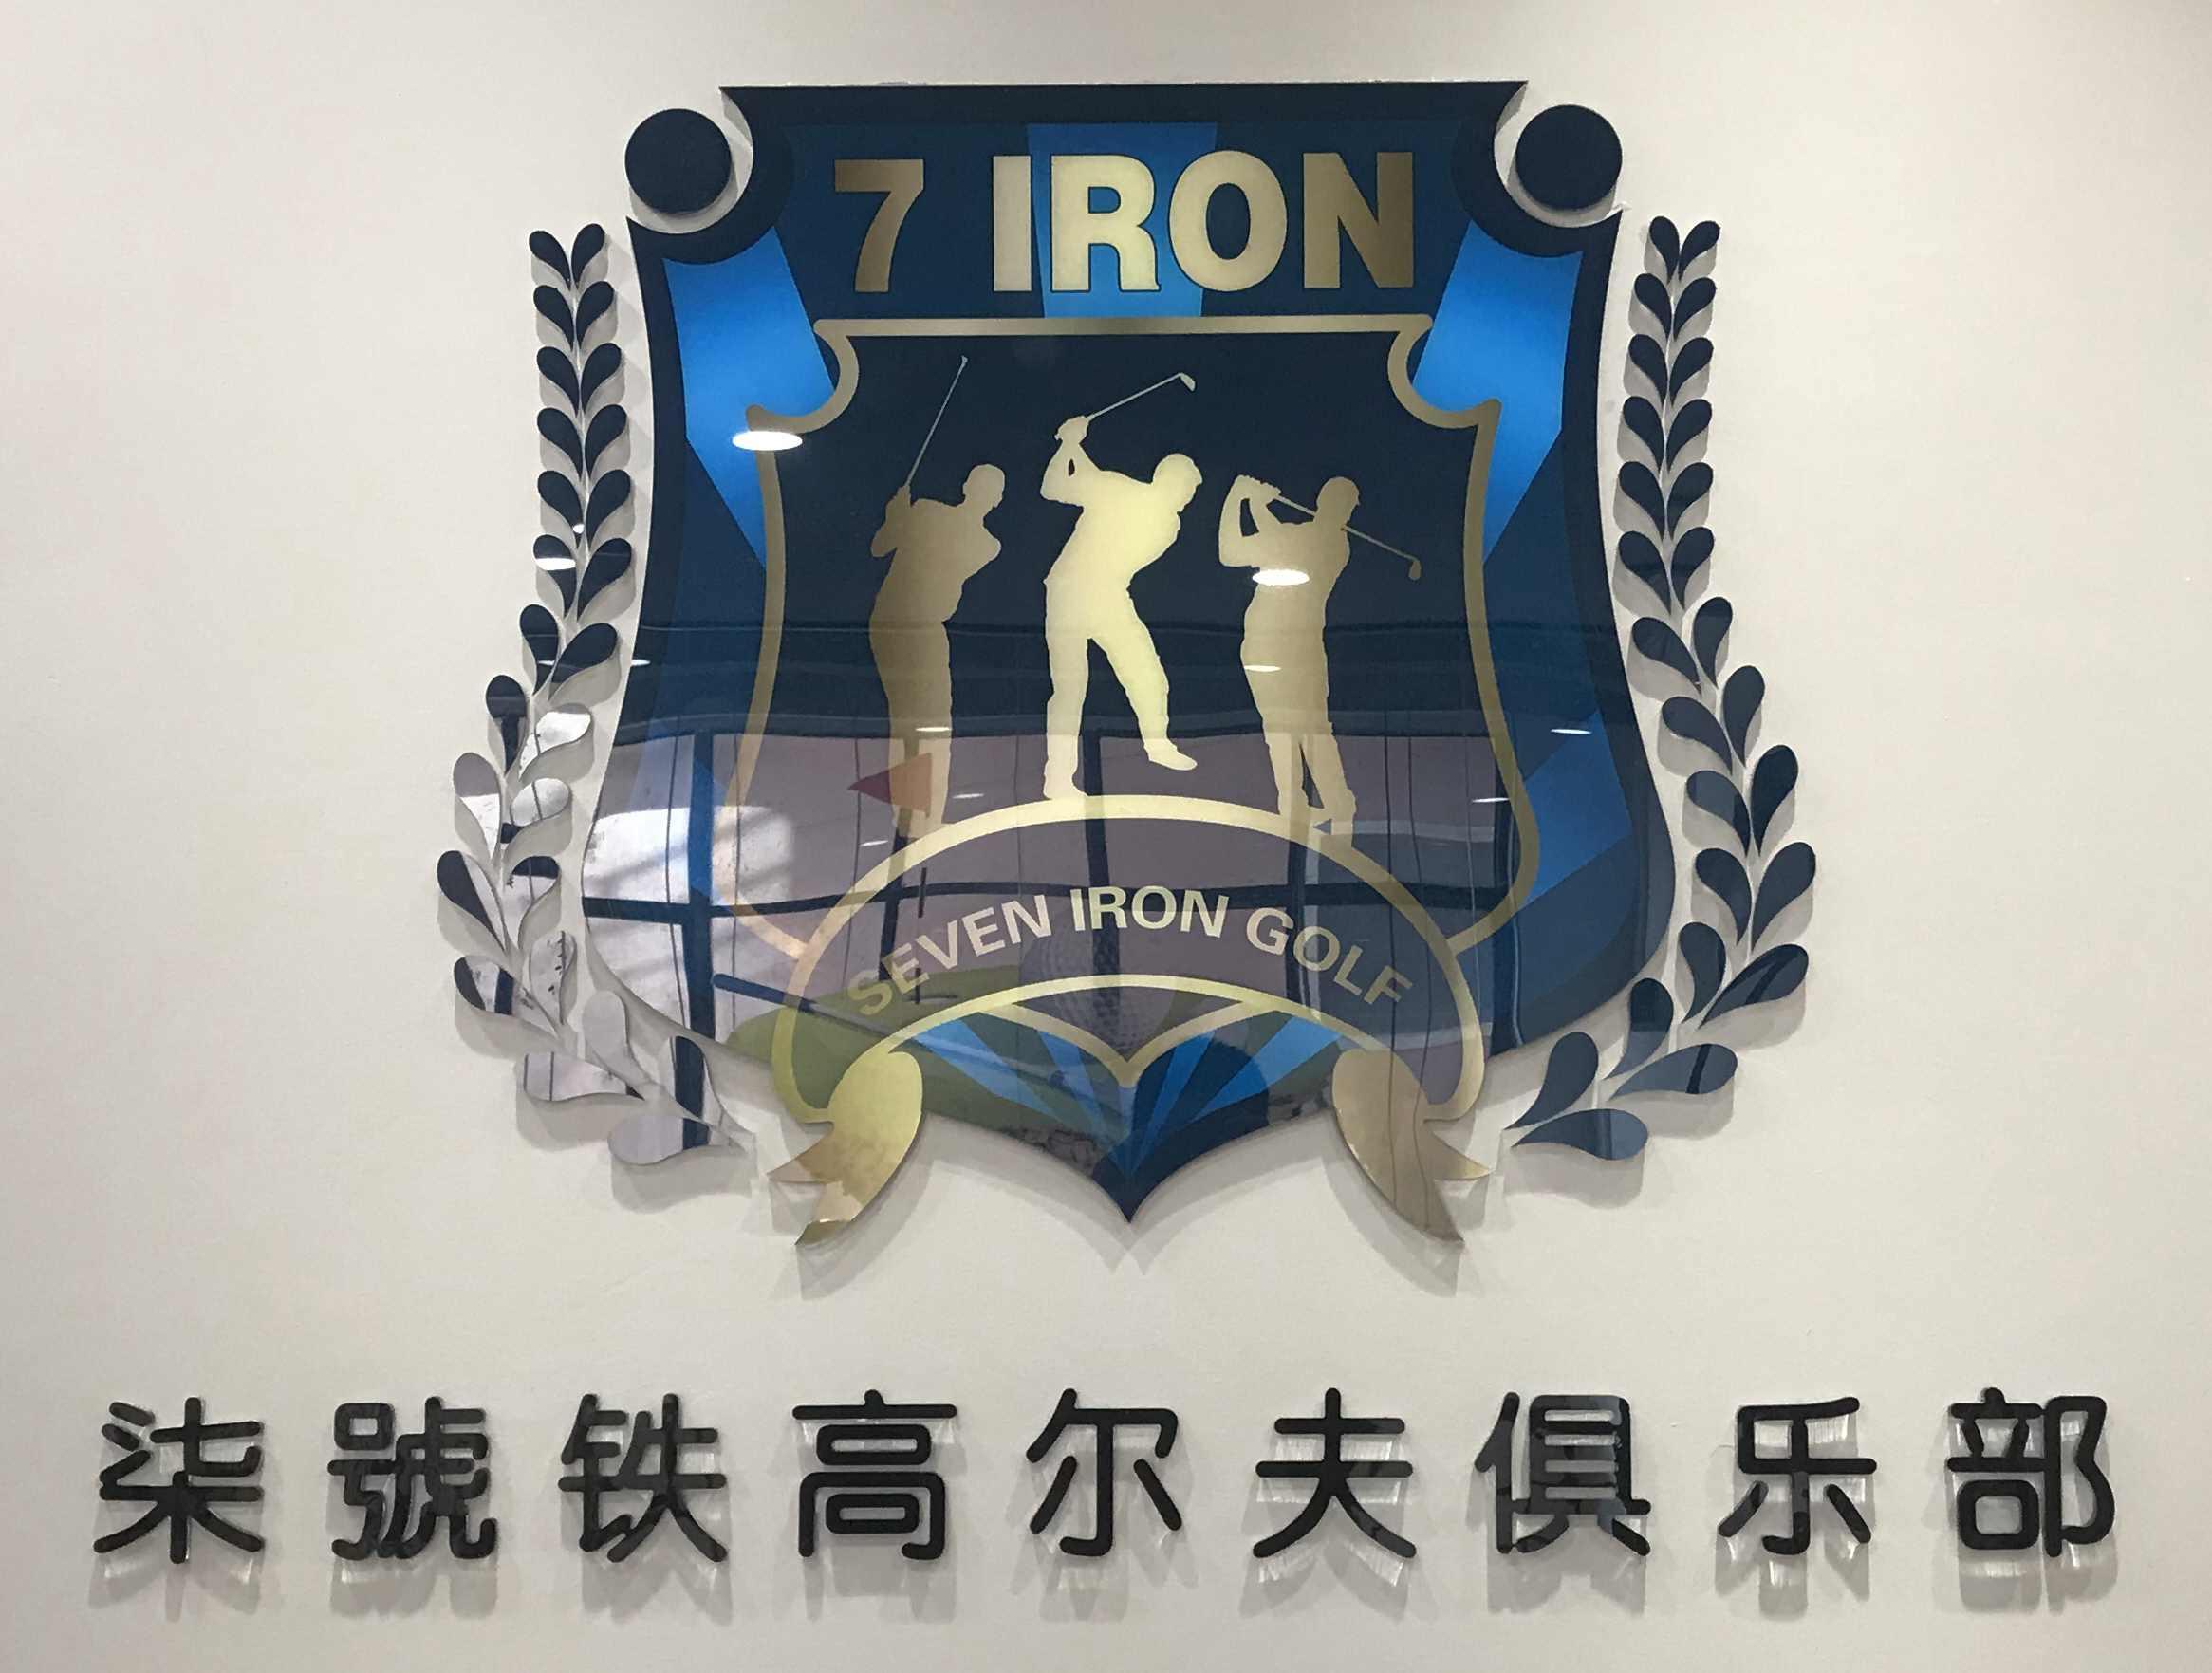 上海柒號铁室内高尔夫俱乐部